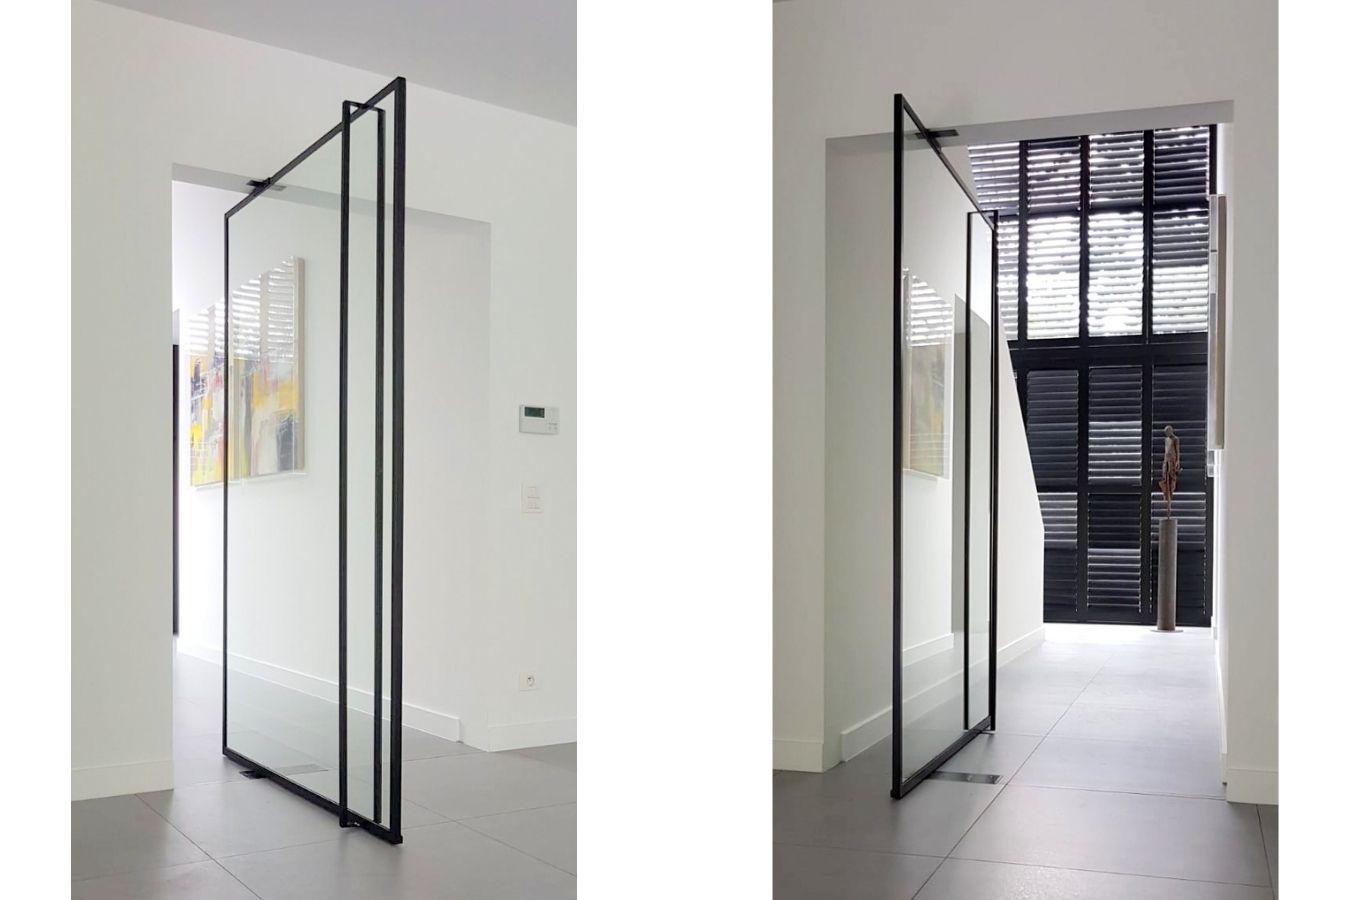 brede stalen pivotdeur, brede stalen deur, brede stalen taatsdeur, brede binnendeur van staal,